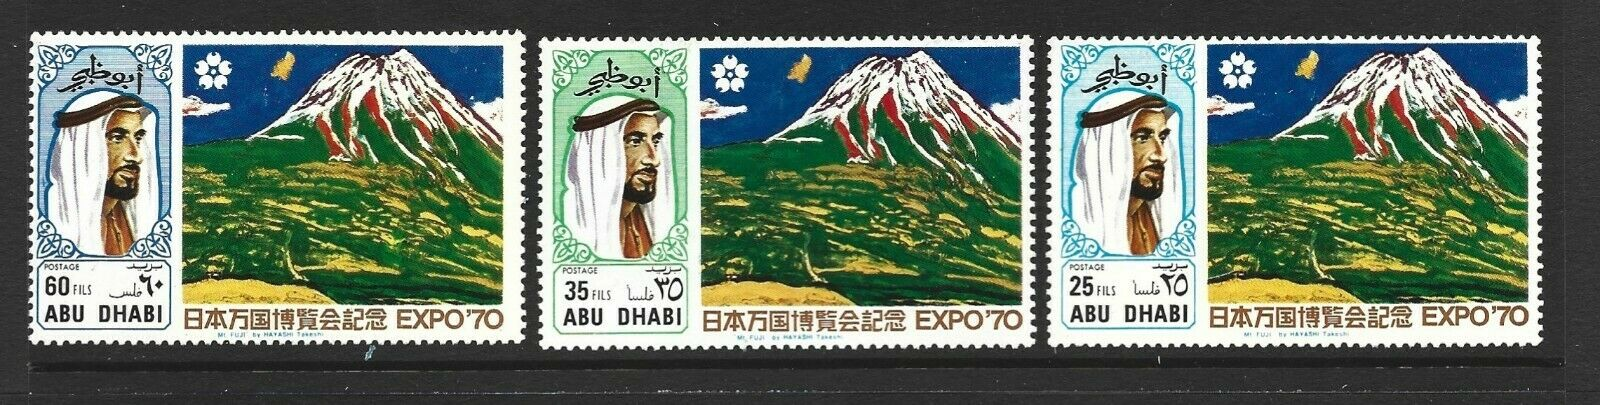 Abu Dhabi  Scott 68-70  Expo '70 issue Unused Hinged